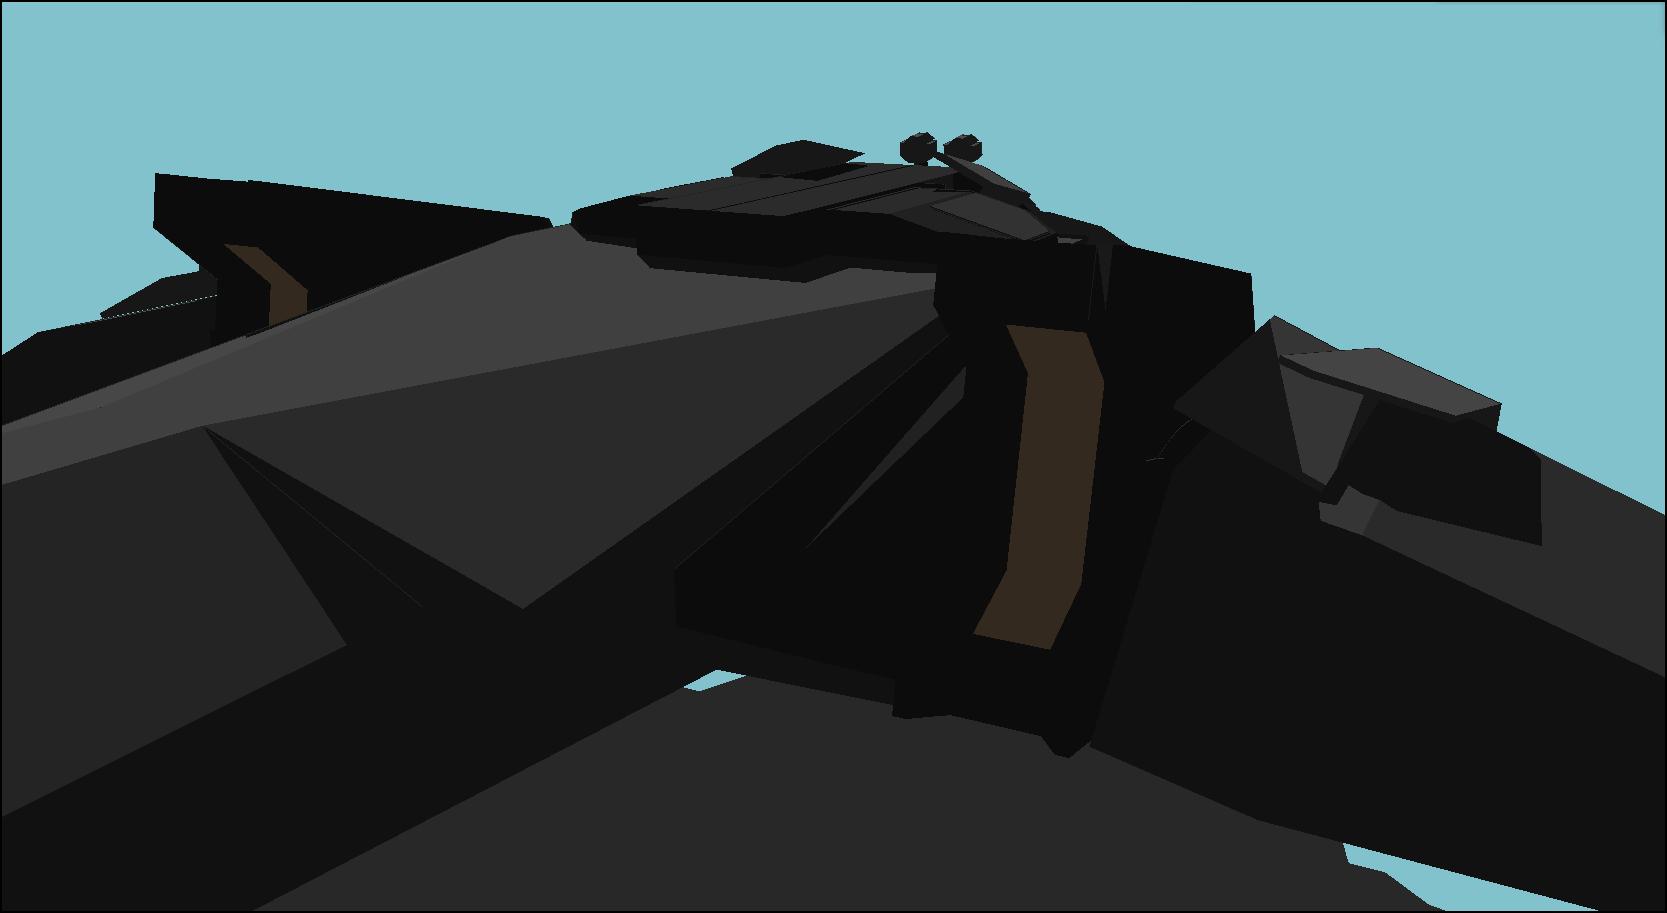 Alien Destroyer concept Engines by Gwentari